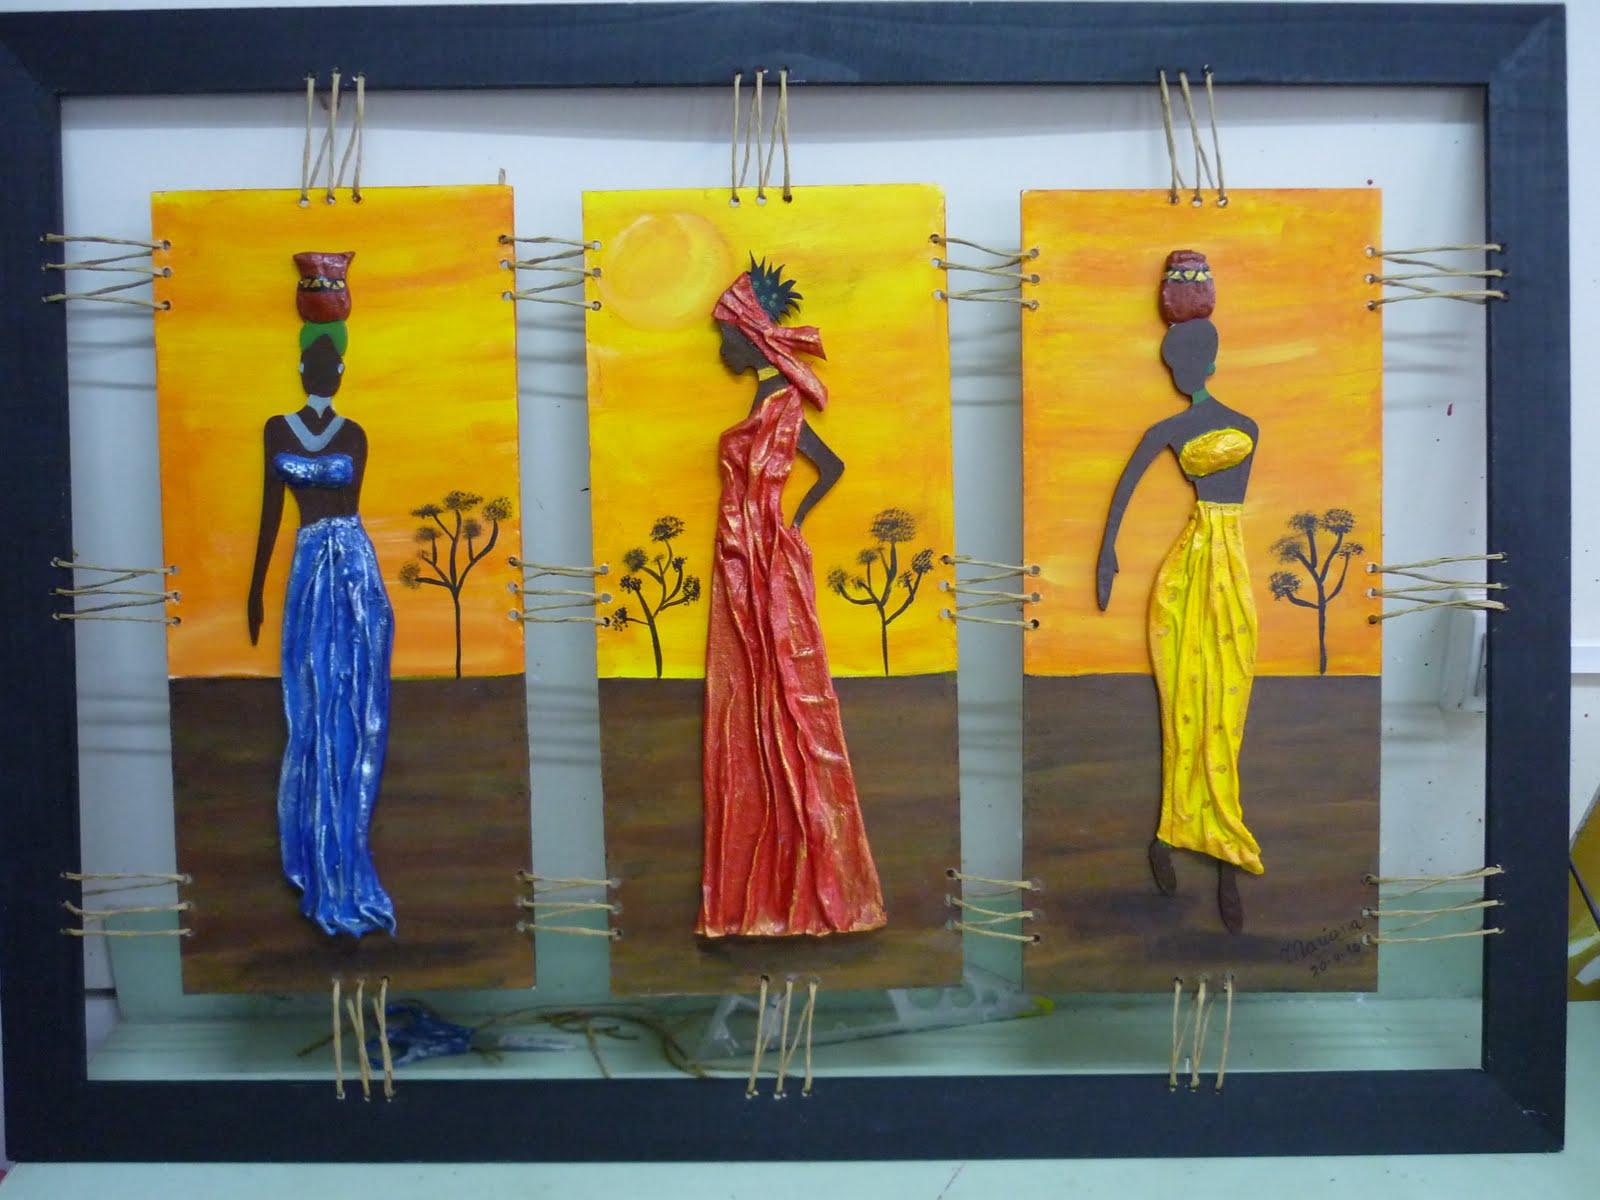 Negras africanas para pintar graffiti pintura y decoraciones for Decoracion de pintura